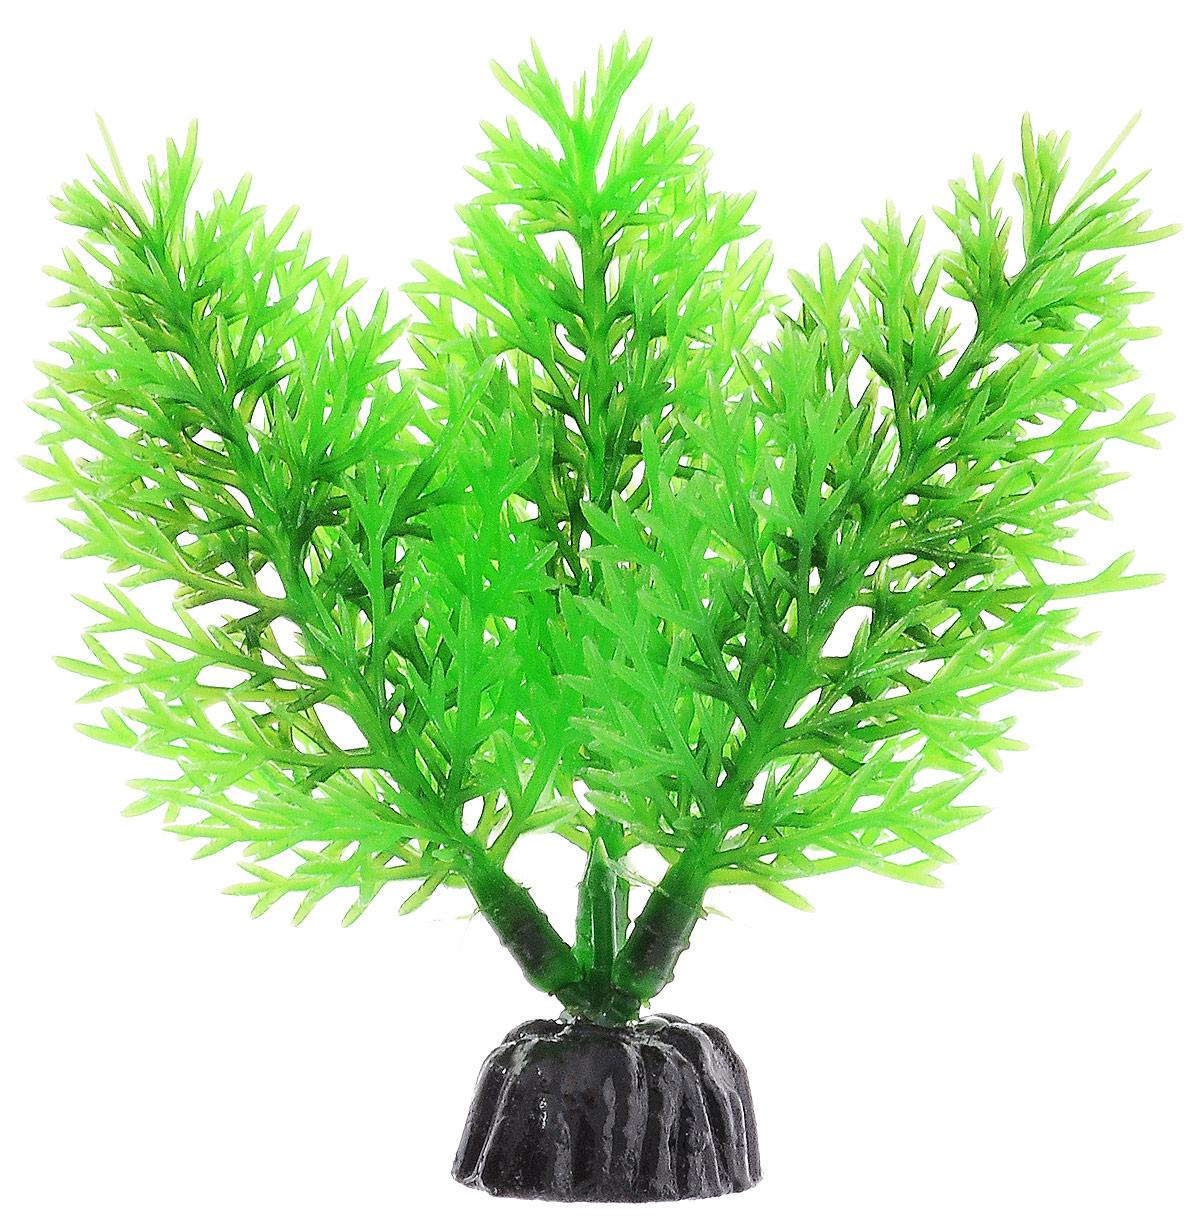 Растение для аквариума Barbus Роголистник, пластиковое, цвет: зеленый, высота 10 см0120710Растение для аквариума Barbus Роголистник, выполненное из качественного пластика, станет прекрасным украшением вашего аквариума. Пластиковое растение идеально подходит для дизайна всех видов аквариумов. Оно абсолютно безопасно, нейтрально к водному балансу, устойчиво к истиранию краски, подходит как для пресноводного, так и для морского аквариума. Растение для аквариума Barbus поможет вам смоделировать потрясающий пейзаж на дне вашего аквариума или террариума. Высота растения: 10 см.